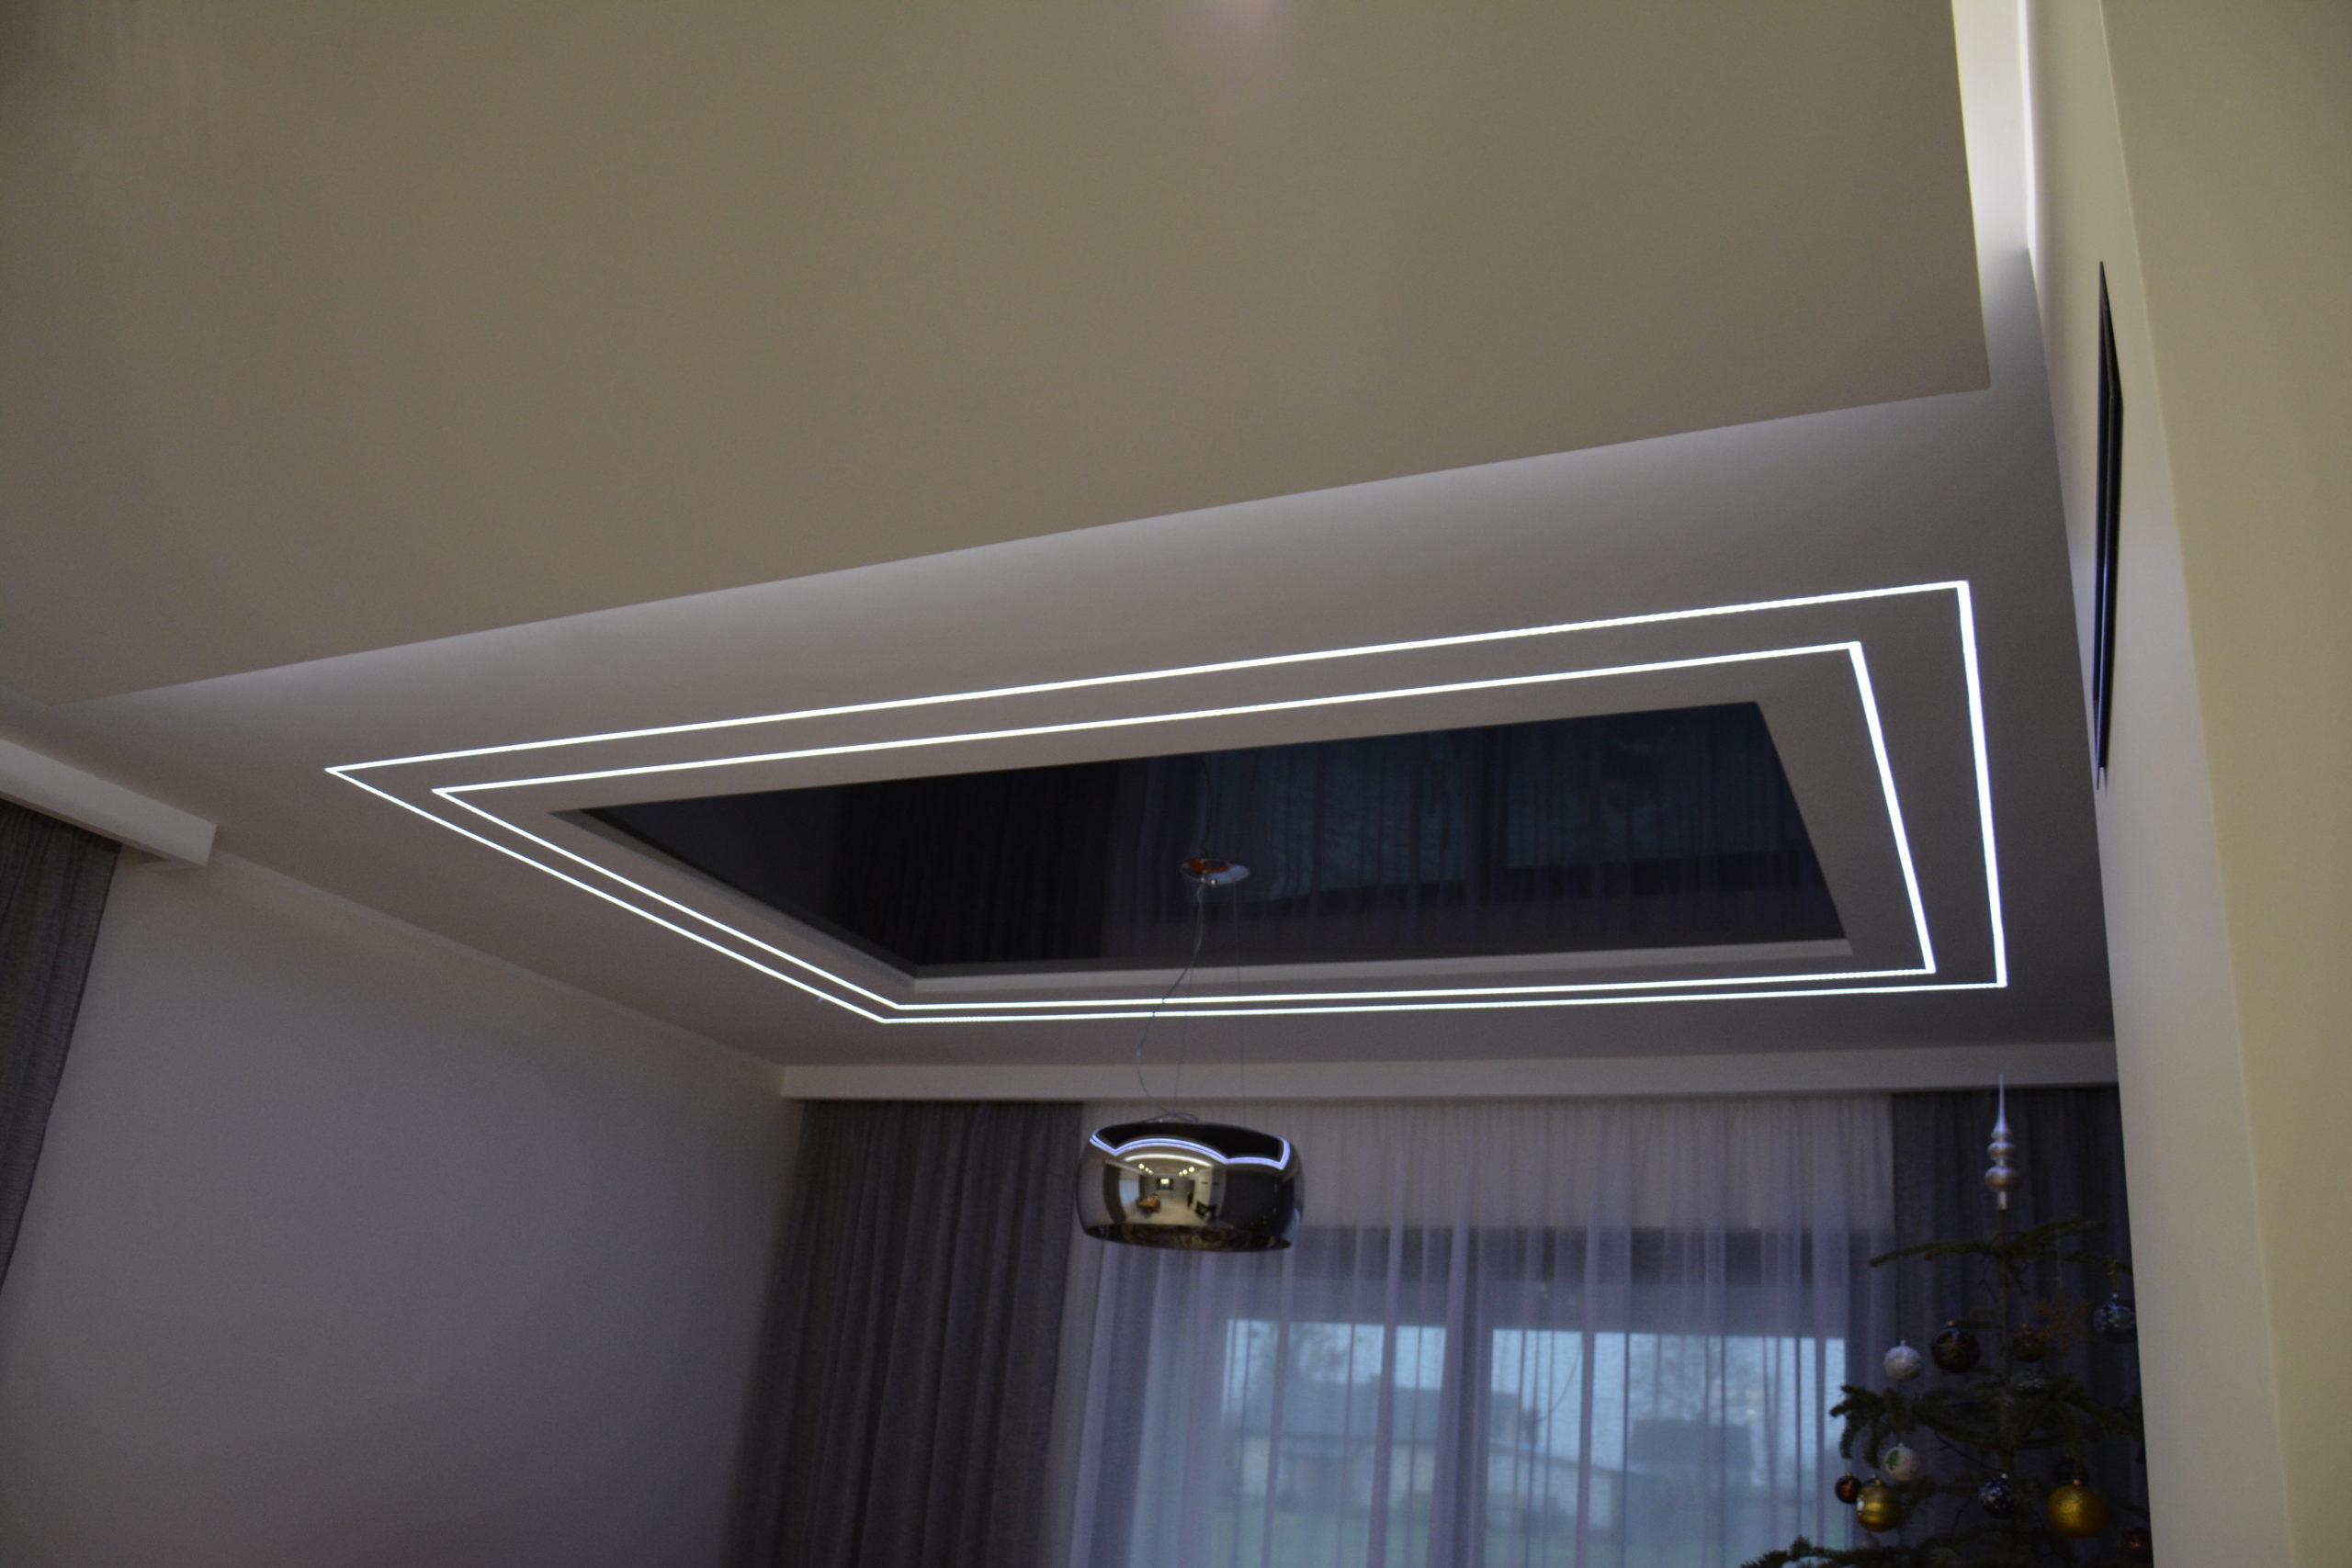 Sufit napinany z oświetleniem LED